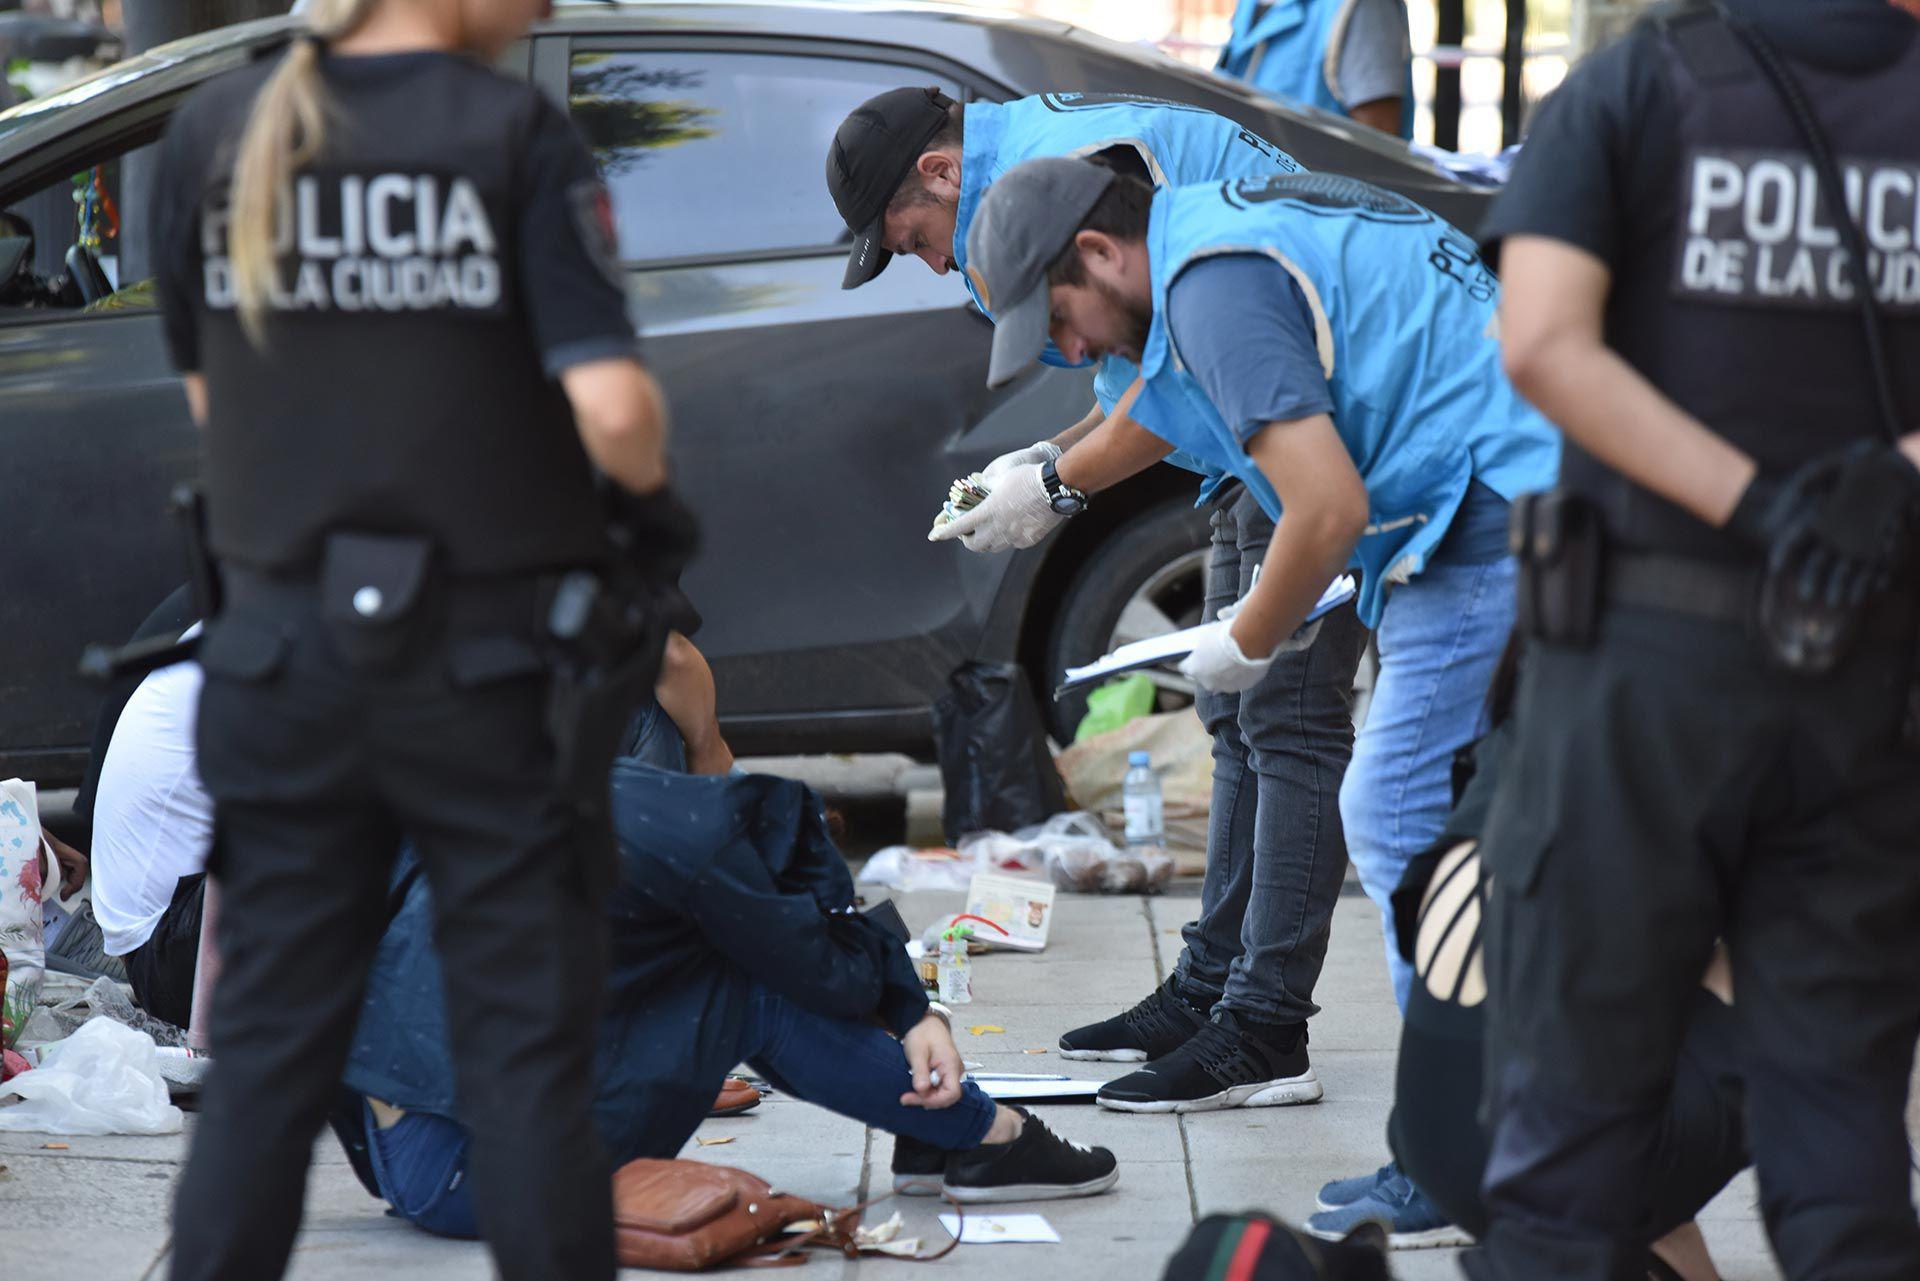 La entrada del hotel acordonada y los efectivos de la Policía porteña.